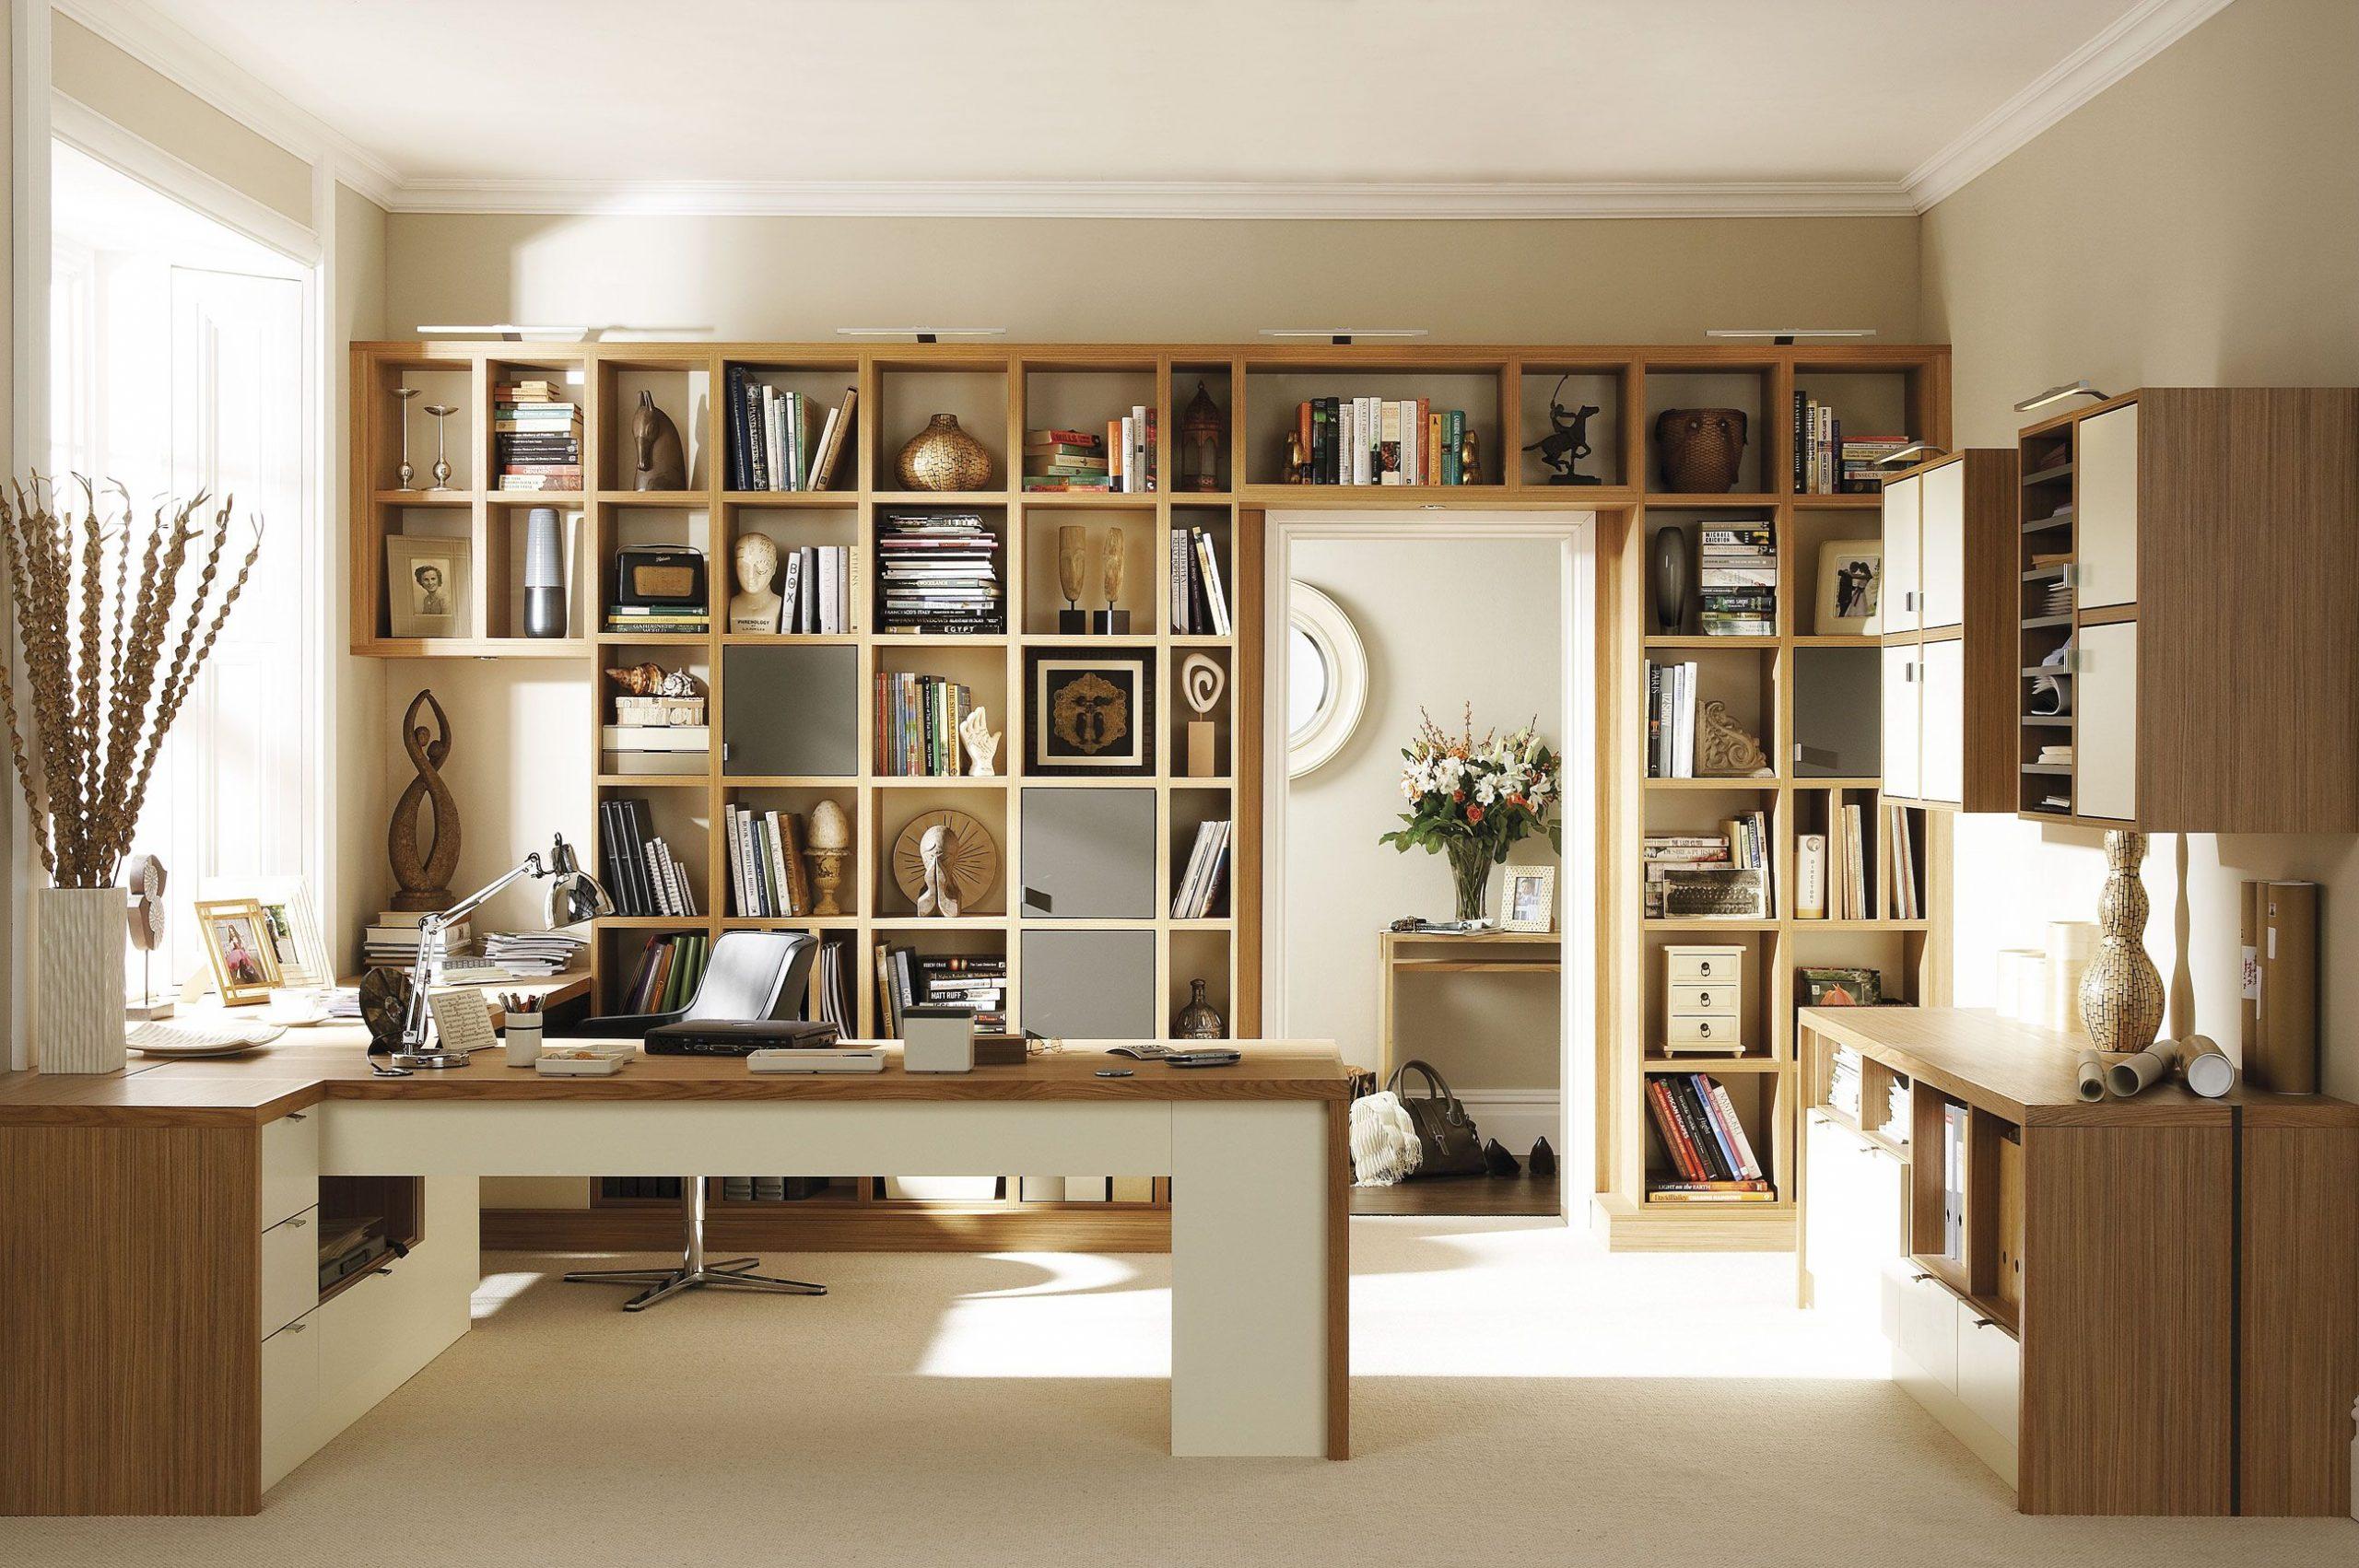 Nội thất bằng gỗ